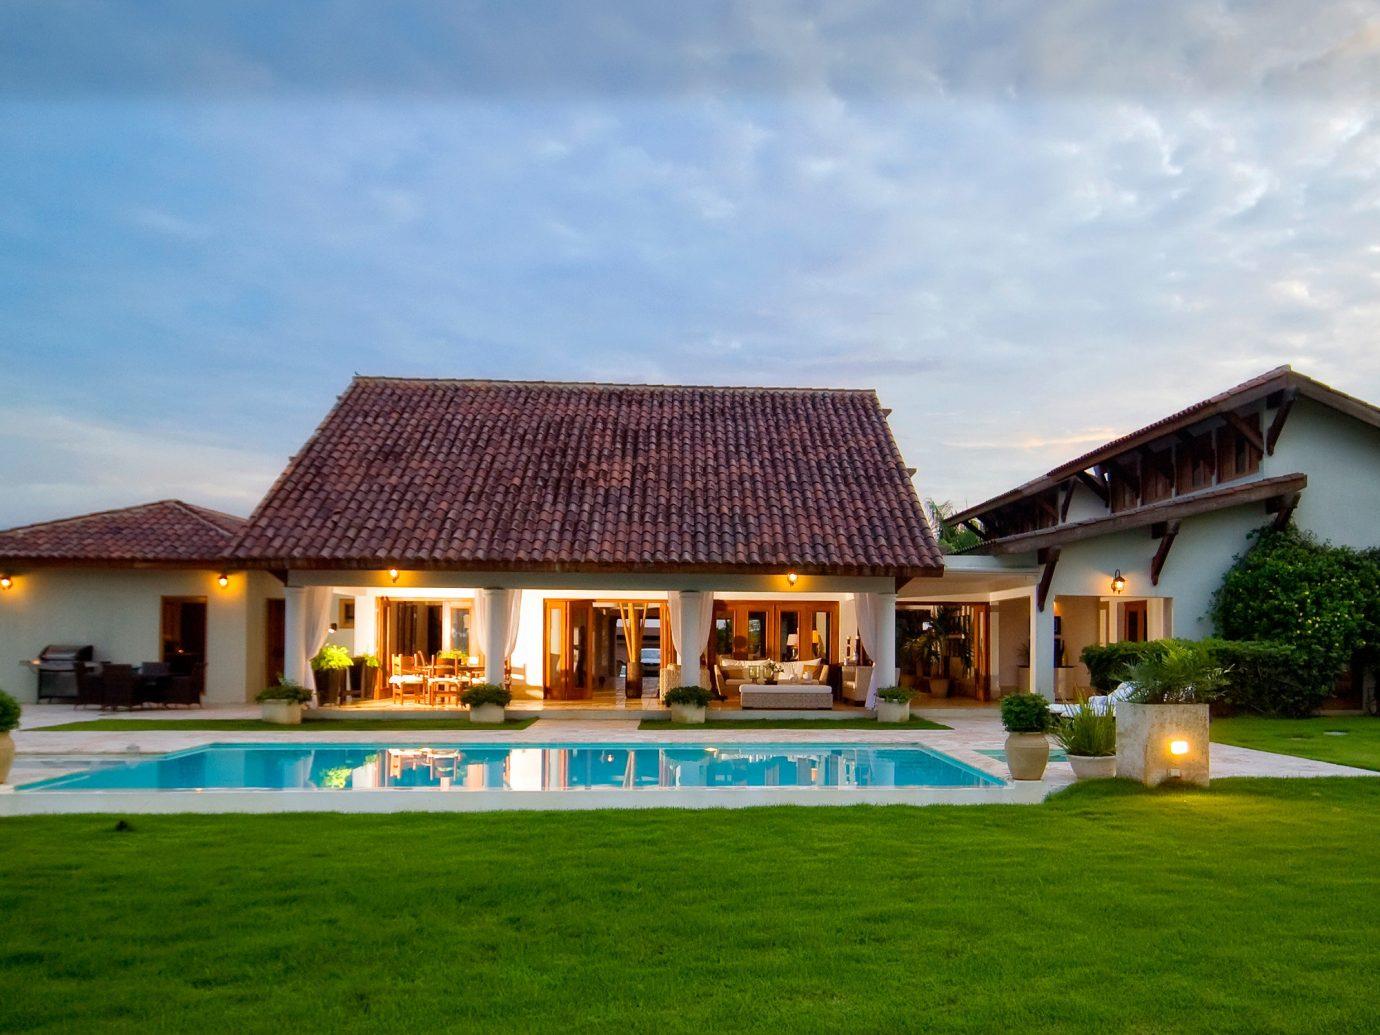 Villas At Casa De Campo In The Domincian Republic